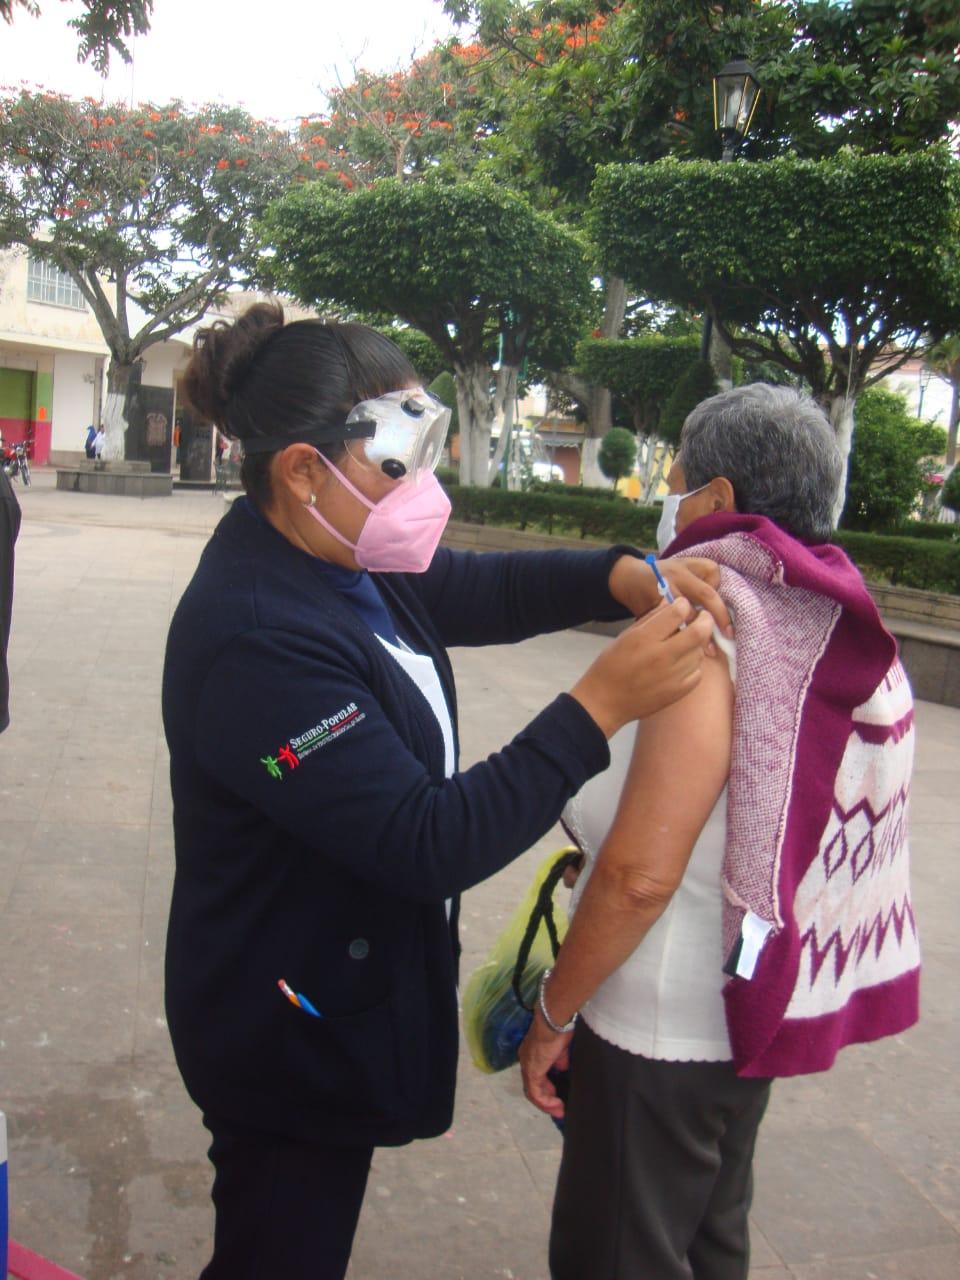 Medidas recomendadas para cuidarnos del frío y evitar enfermedades respiratorias: D. Salud